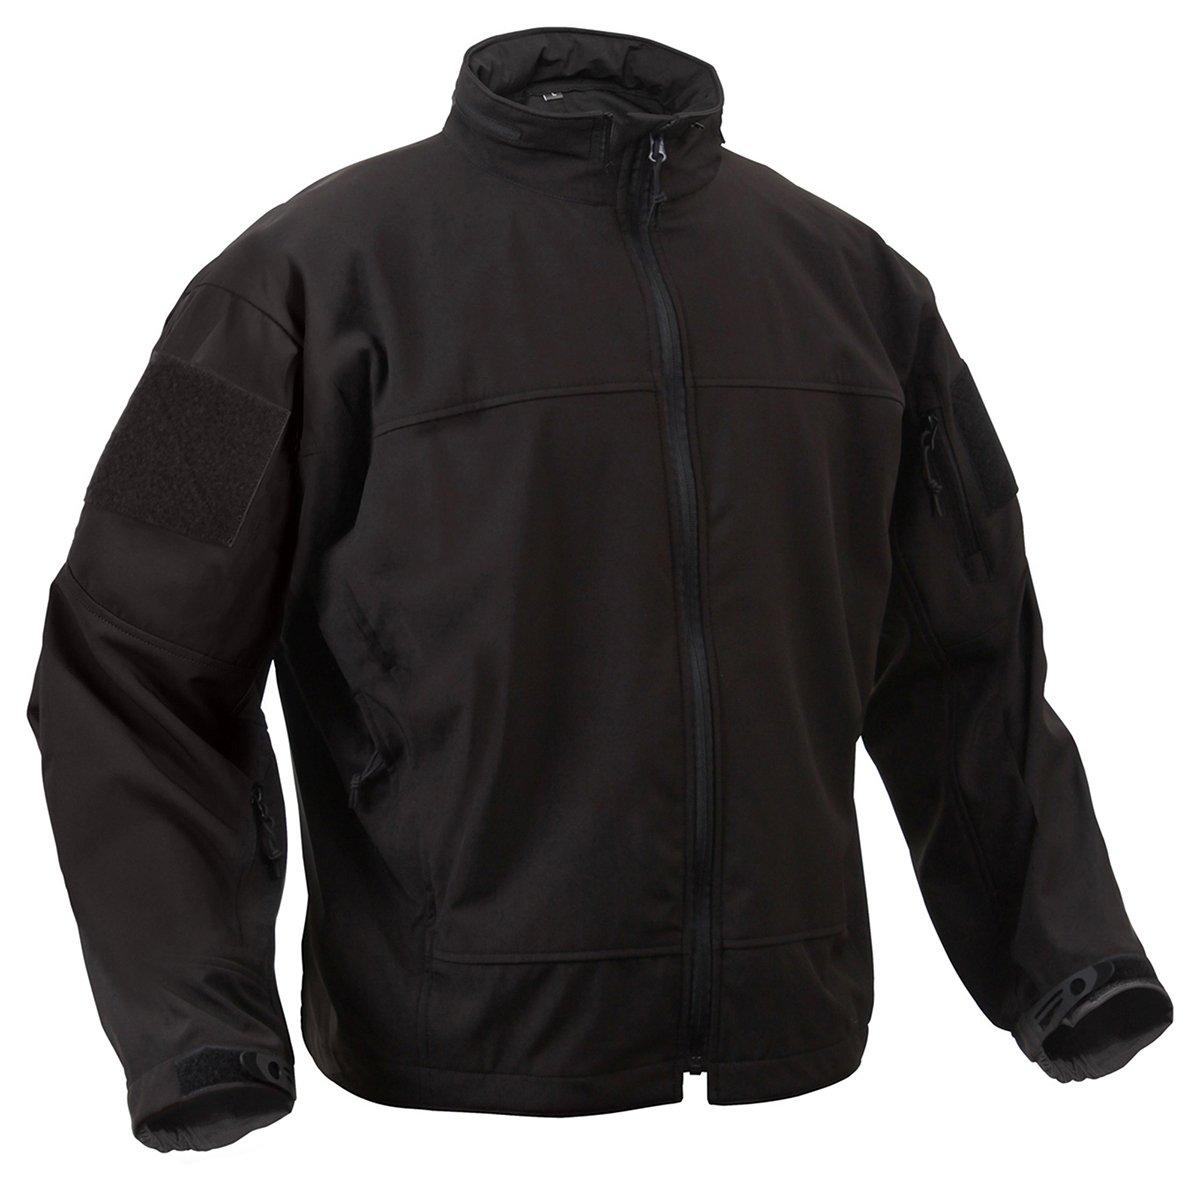 Rothco Black Soft Shell Uniform Jacket, Black